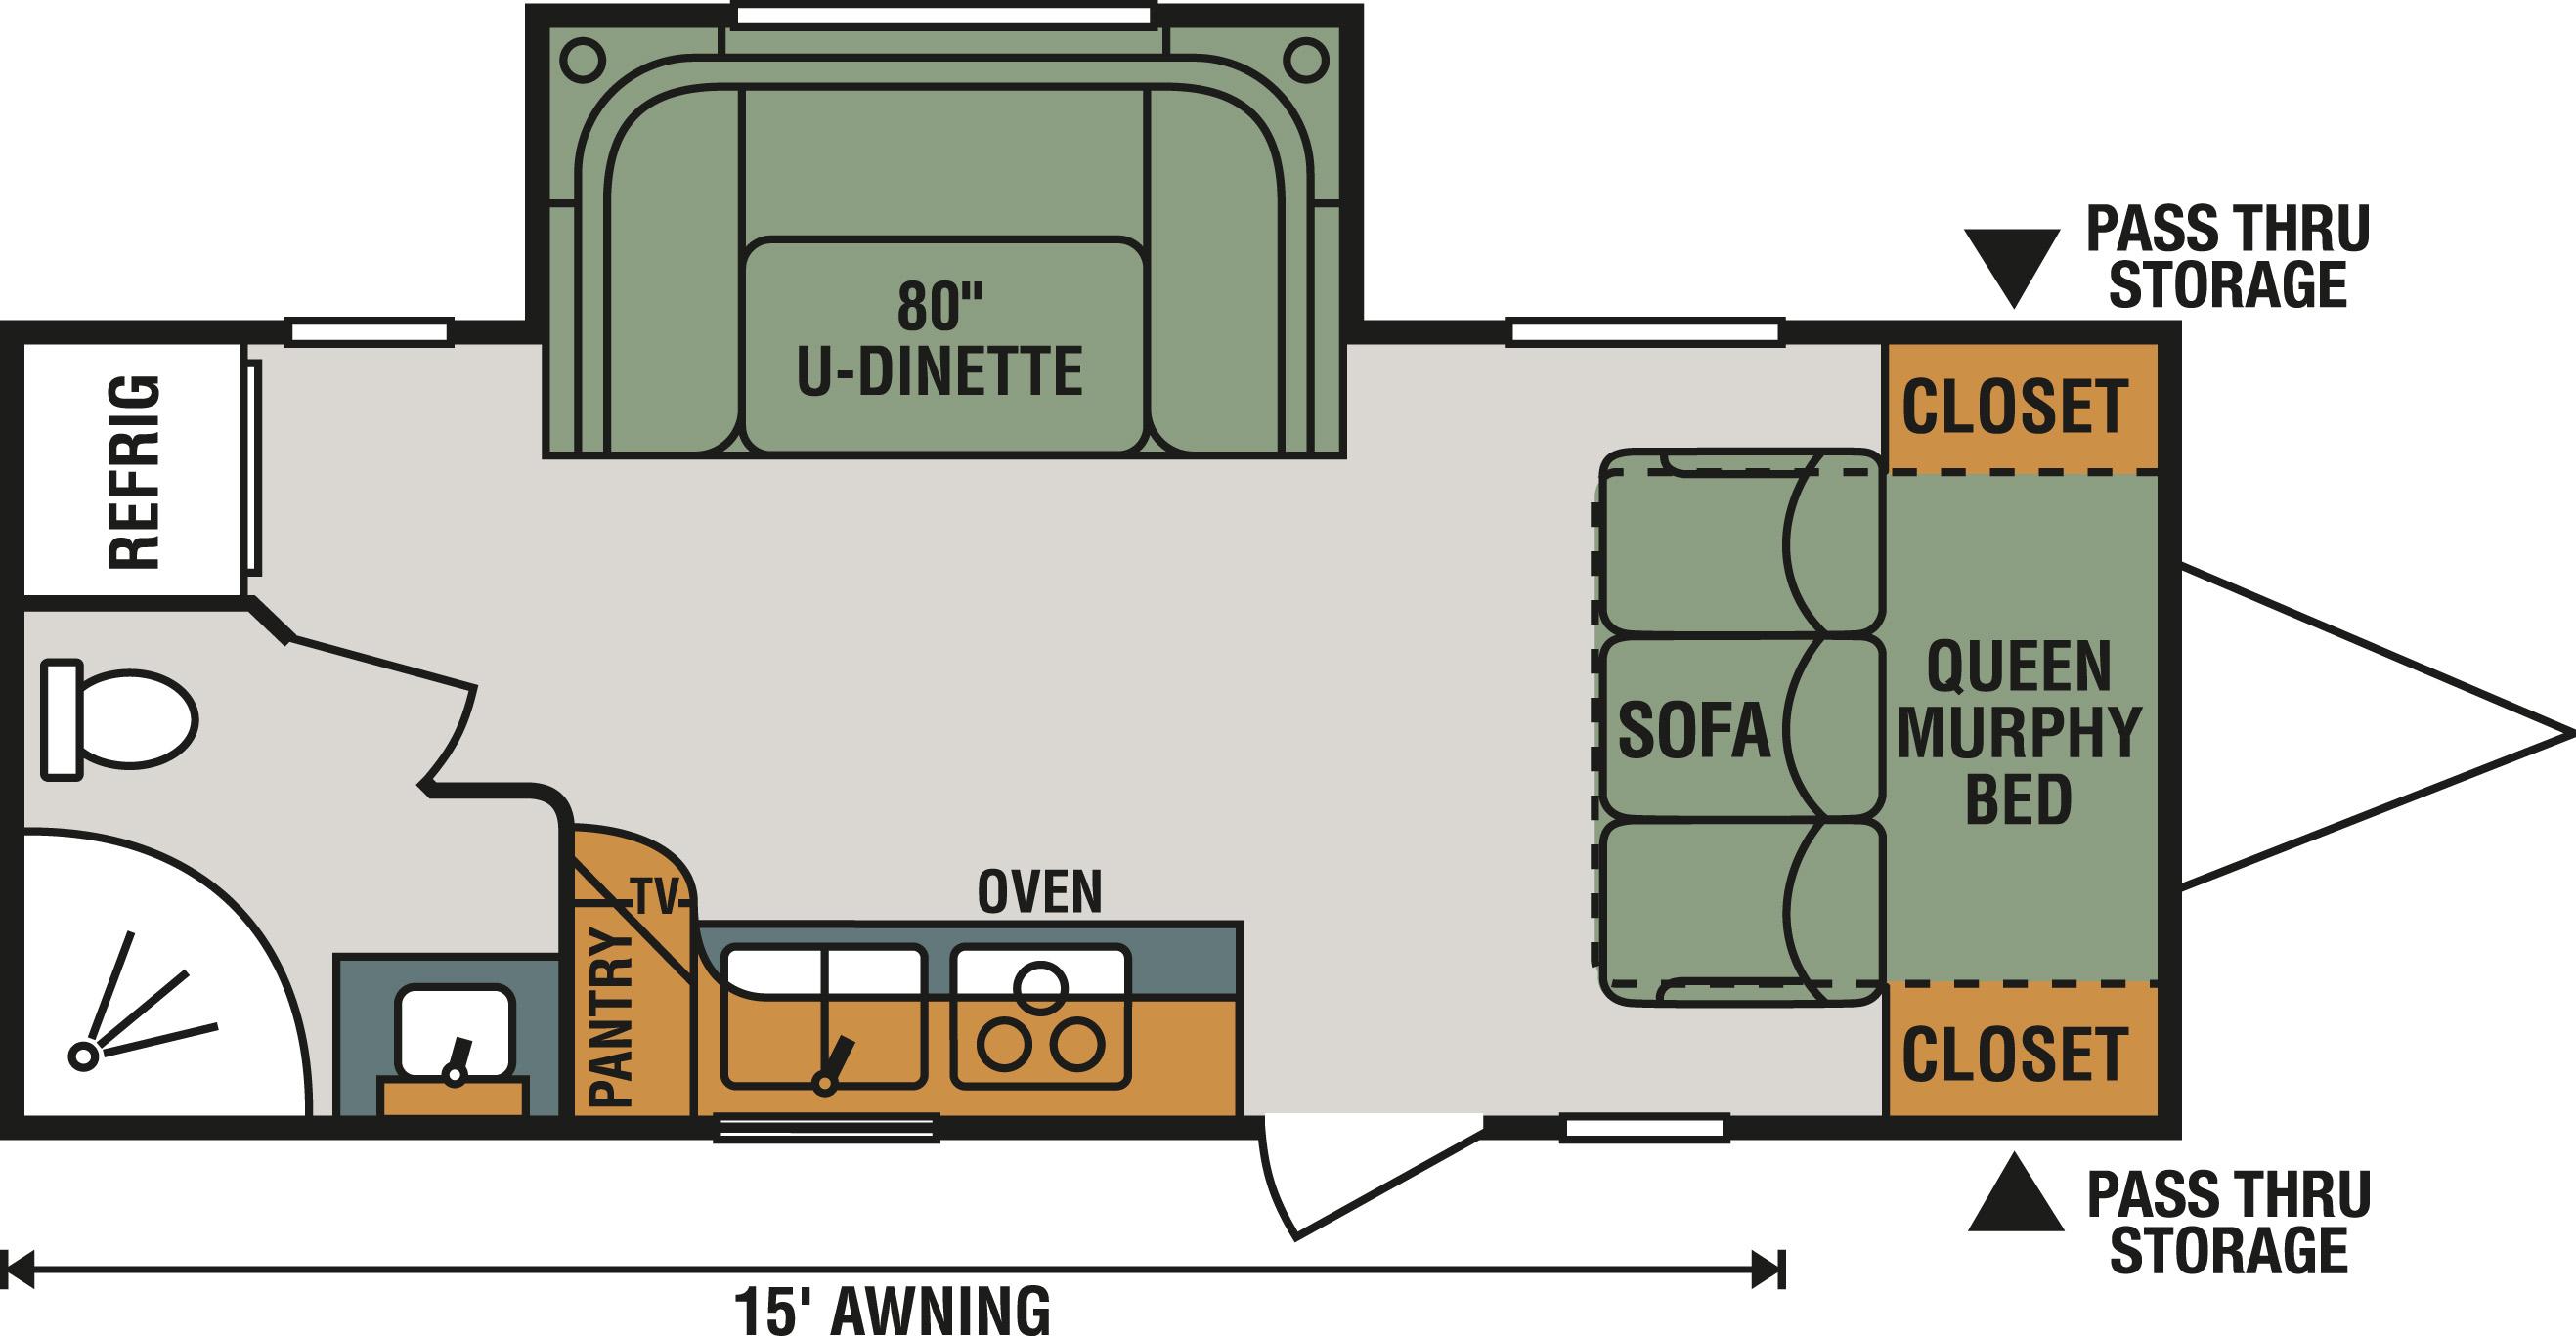 Evergreen Rv Floor Plans Photo Keystone Trailers Floor Plans Images Keystone